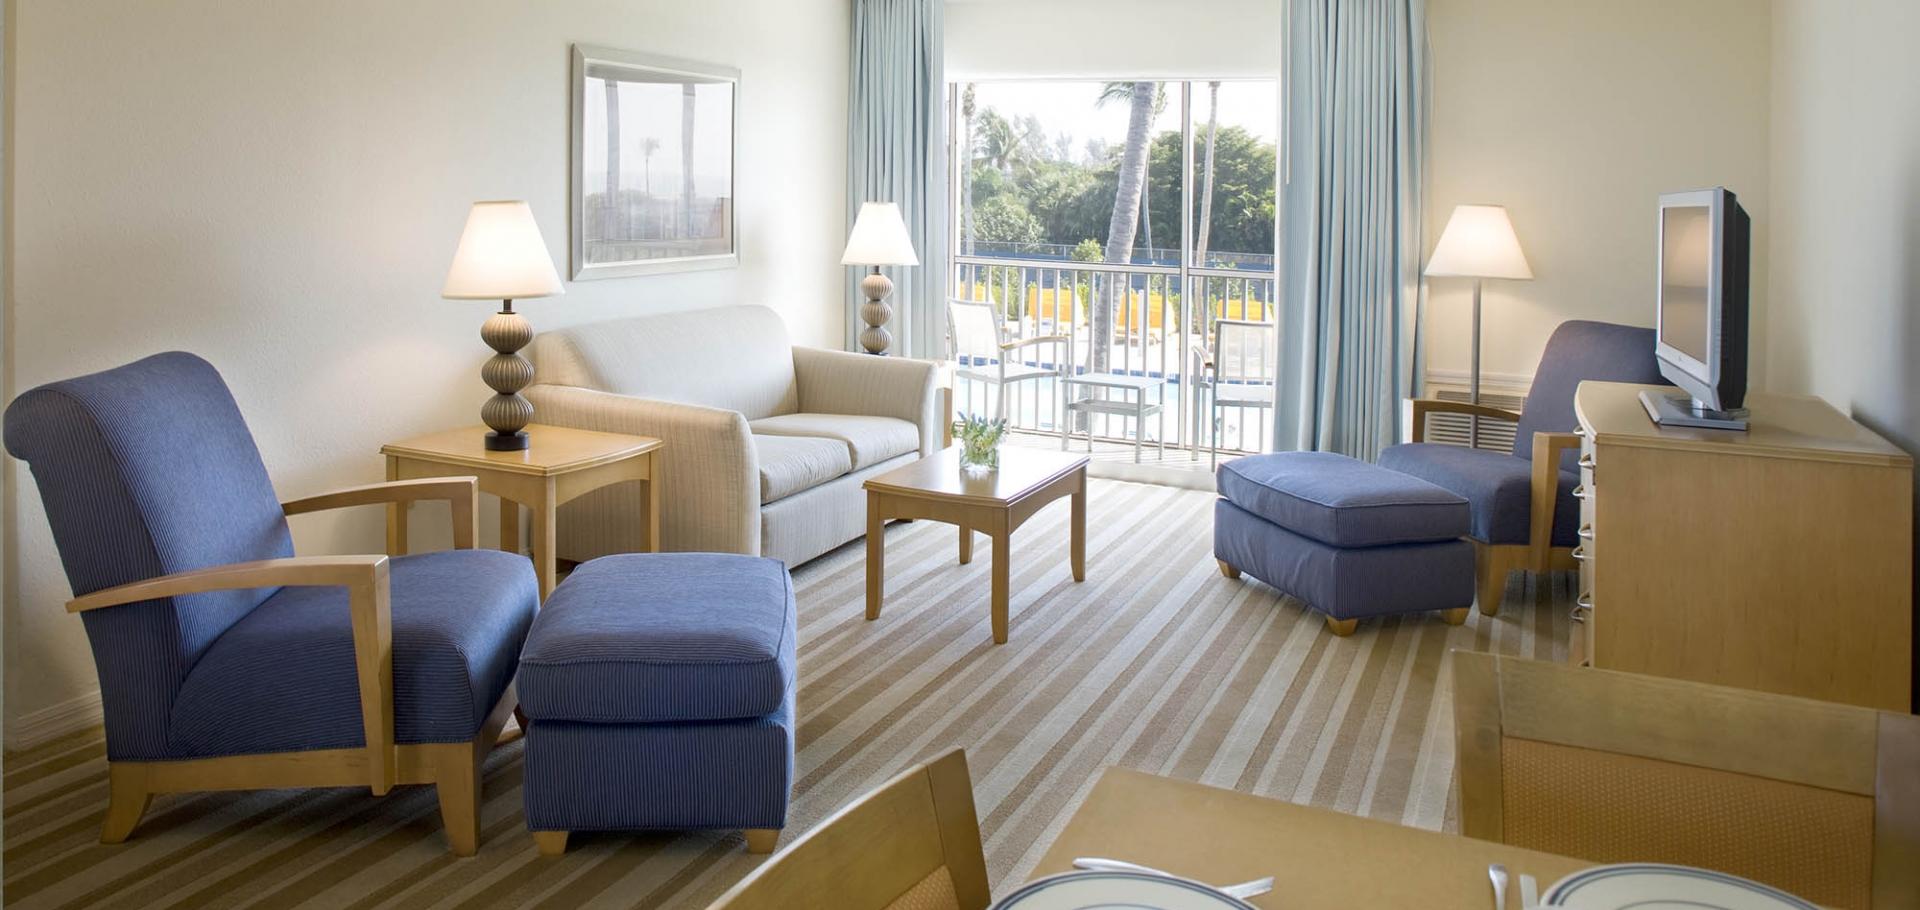 Sunset Beach Inn suite living room